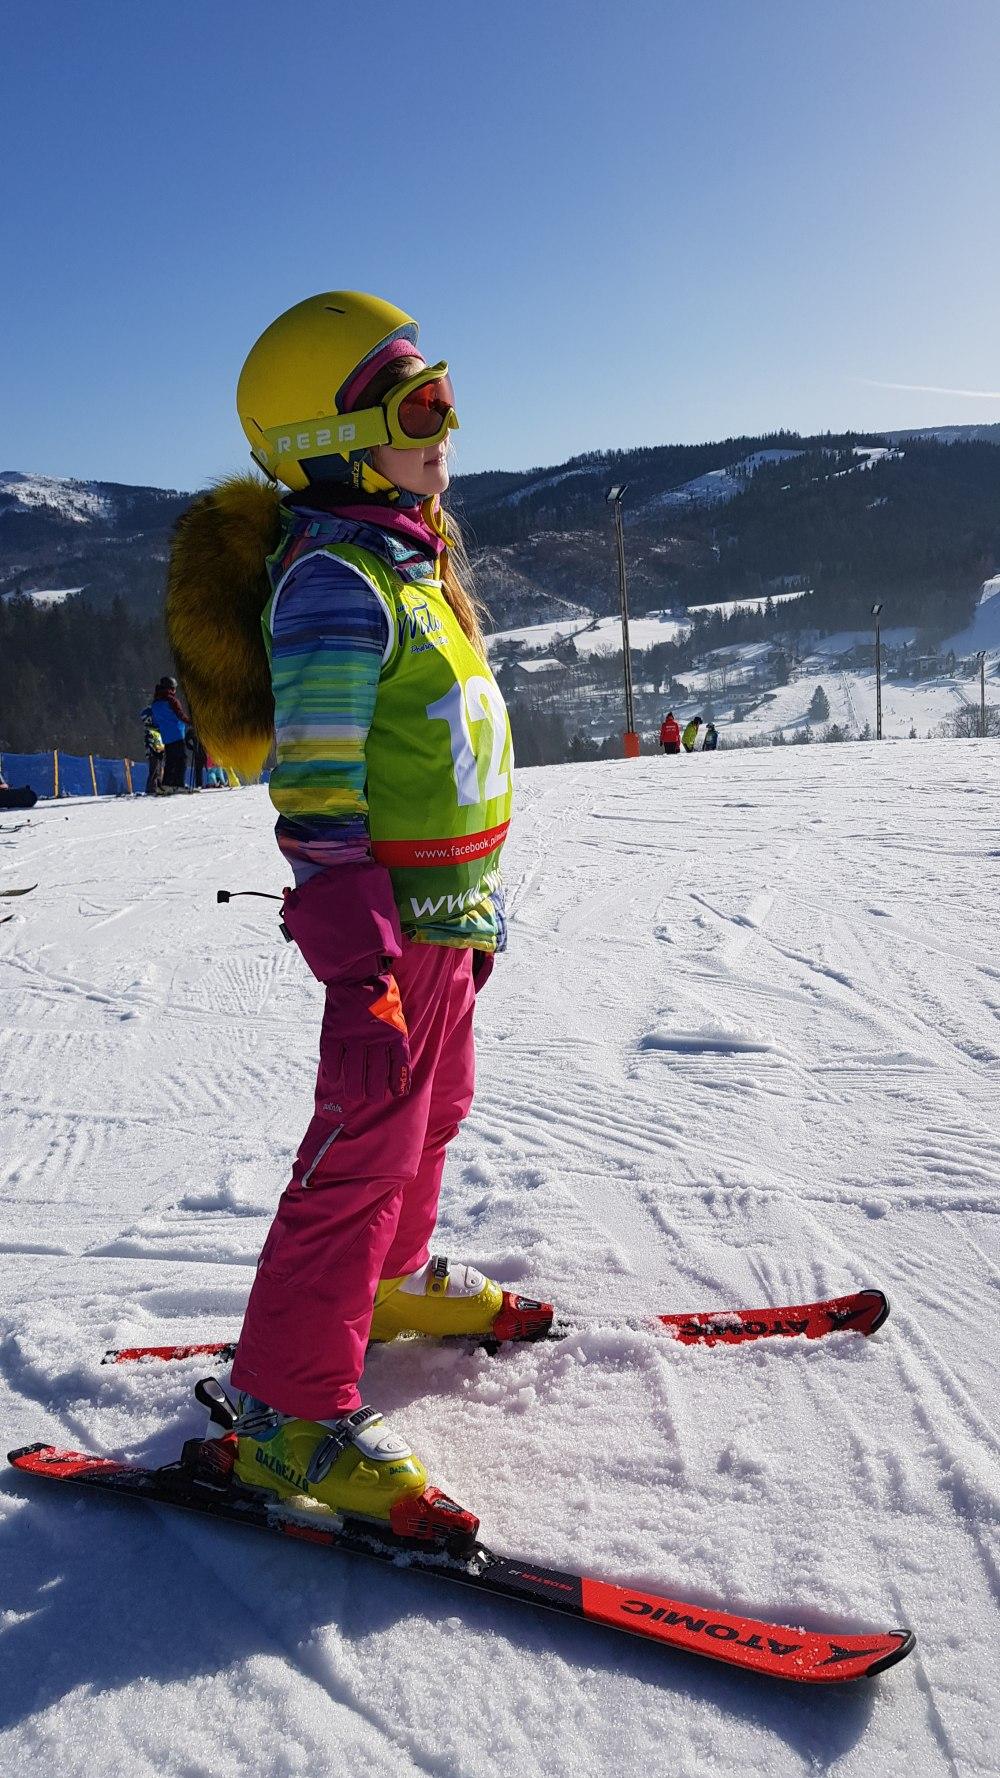 Wyjazd na narty Wisła